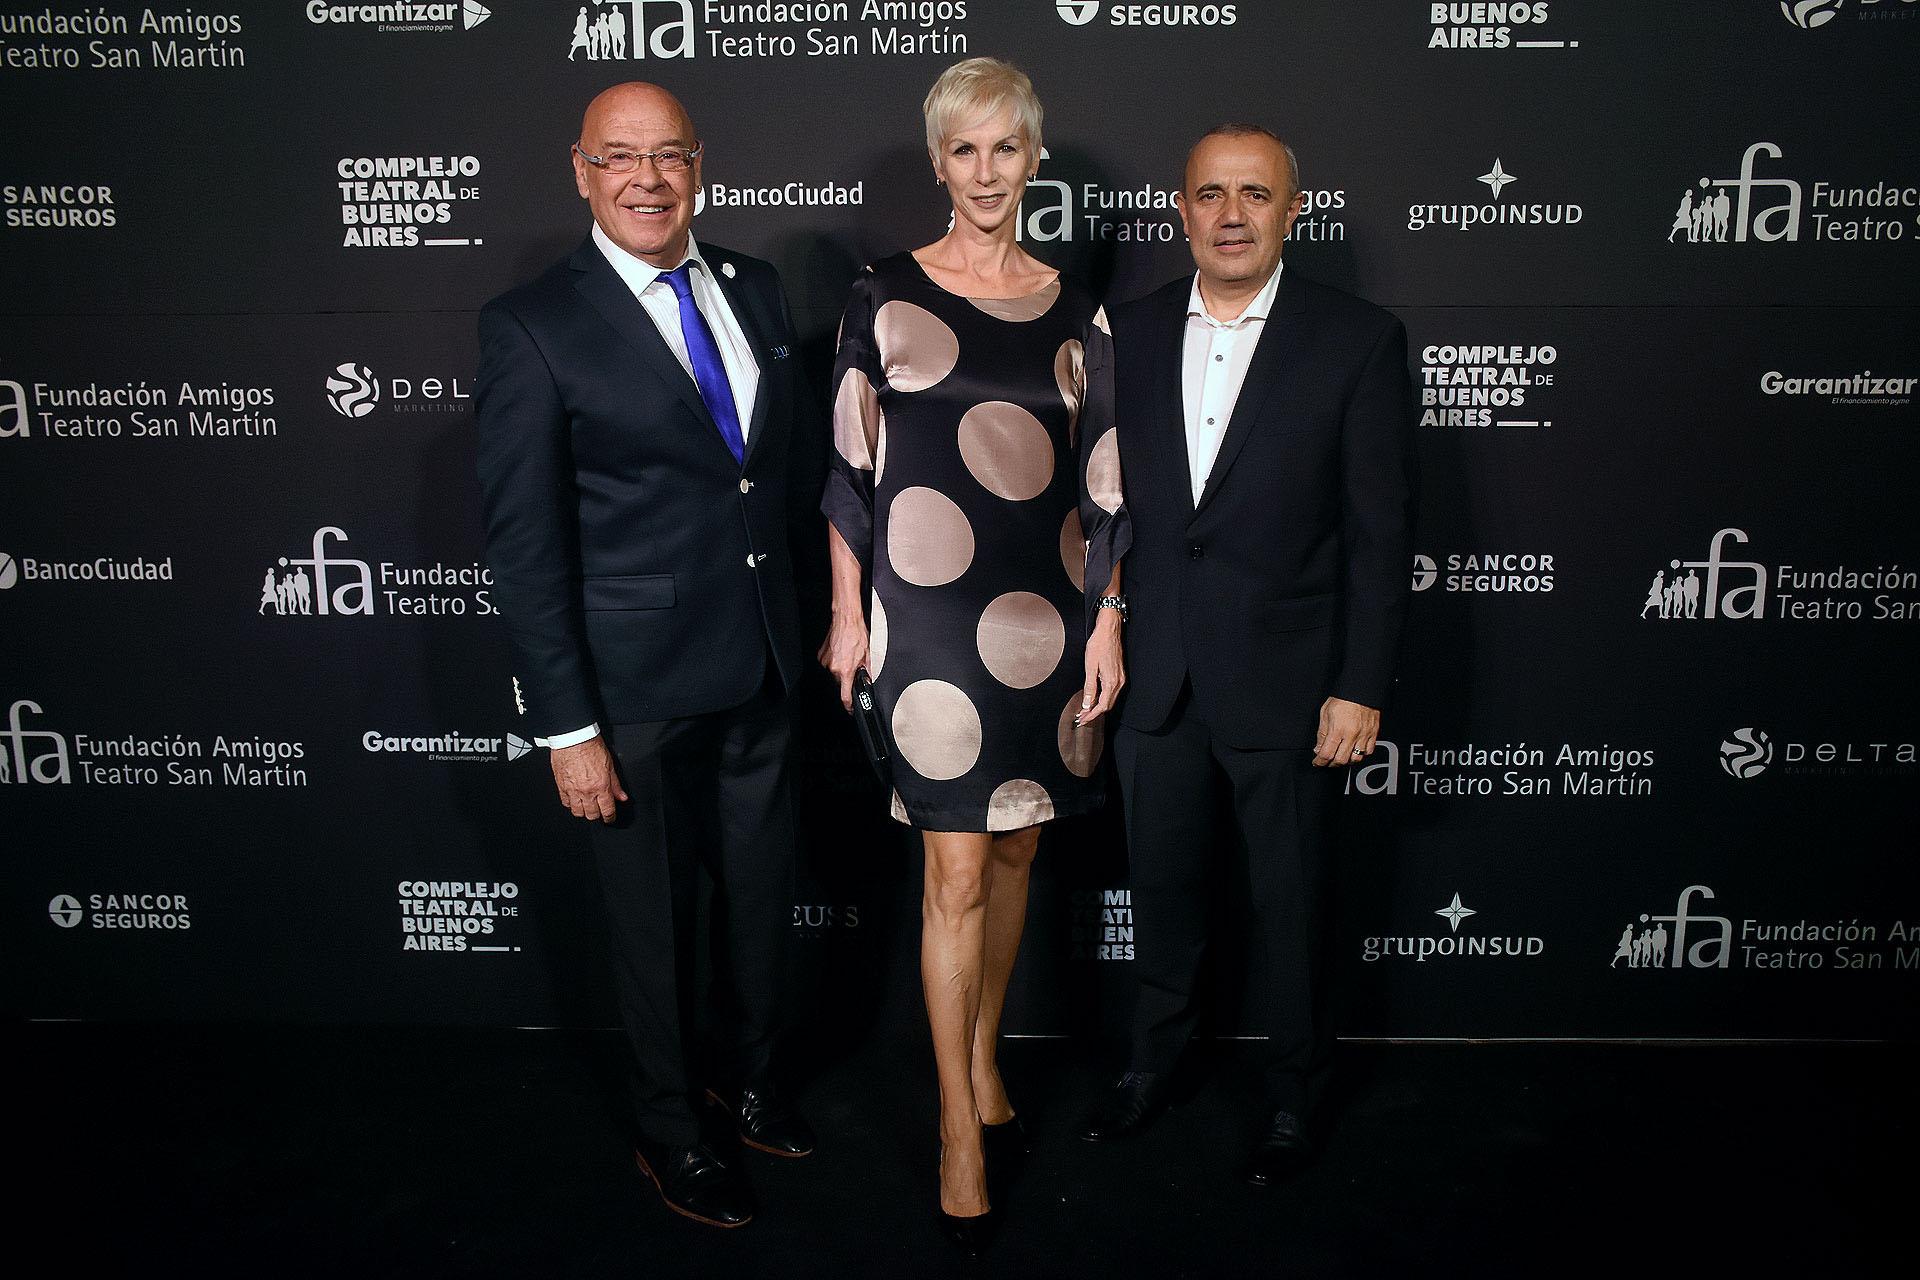 Juan Carlos Álvarez, gerente de la Fundación del Banco Ciudad, junto a Alejandro Ameijenda, presidente del Ente Único Regulador de Servicios Públicos (ENRE), y su mujer Mirta